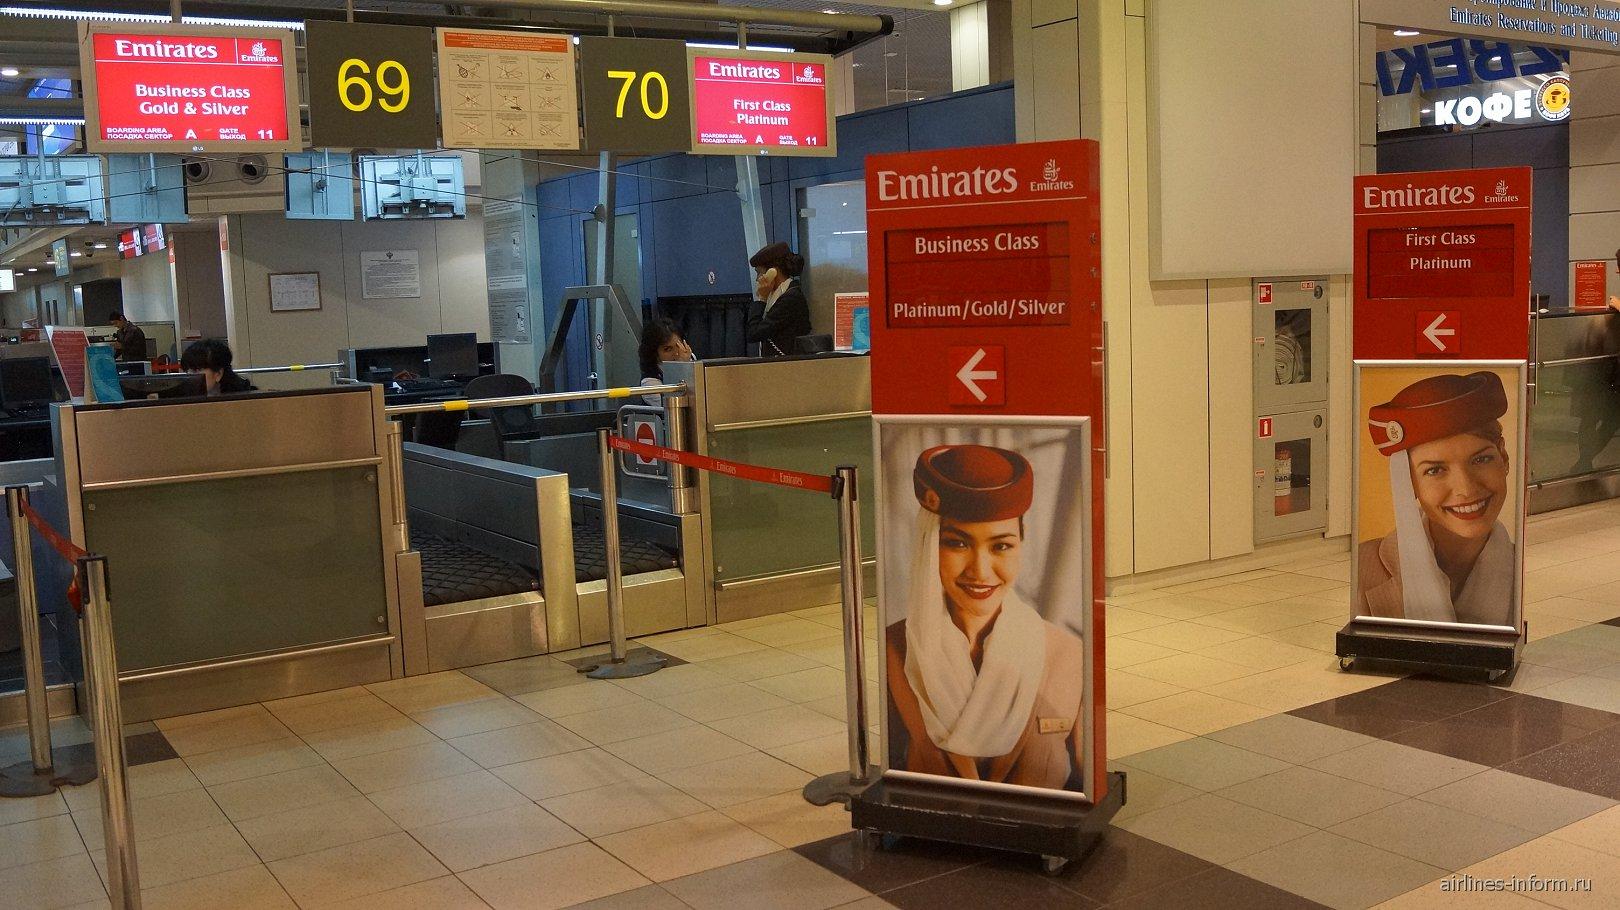 Регистрация на рейсы первого и бизнес-классов авиакомпании Emirates в аэропорту Домодедово